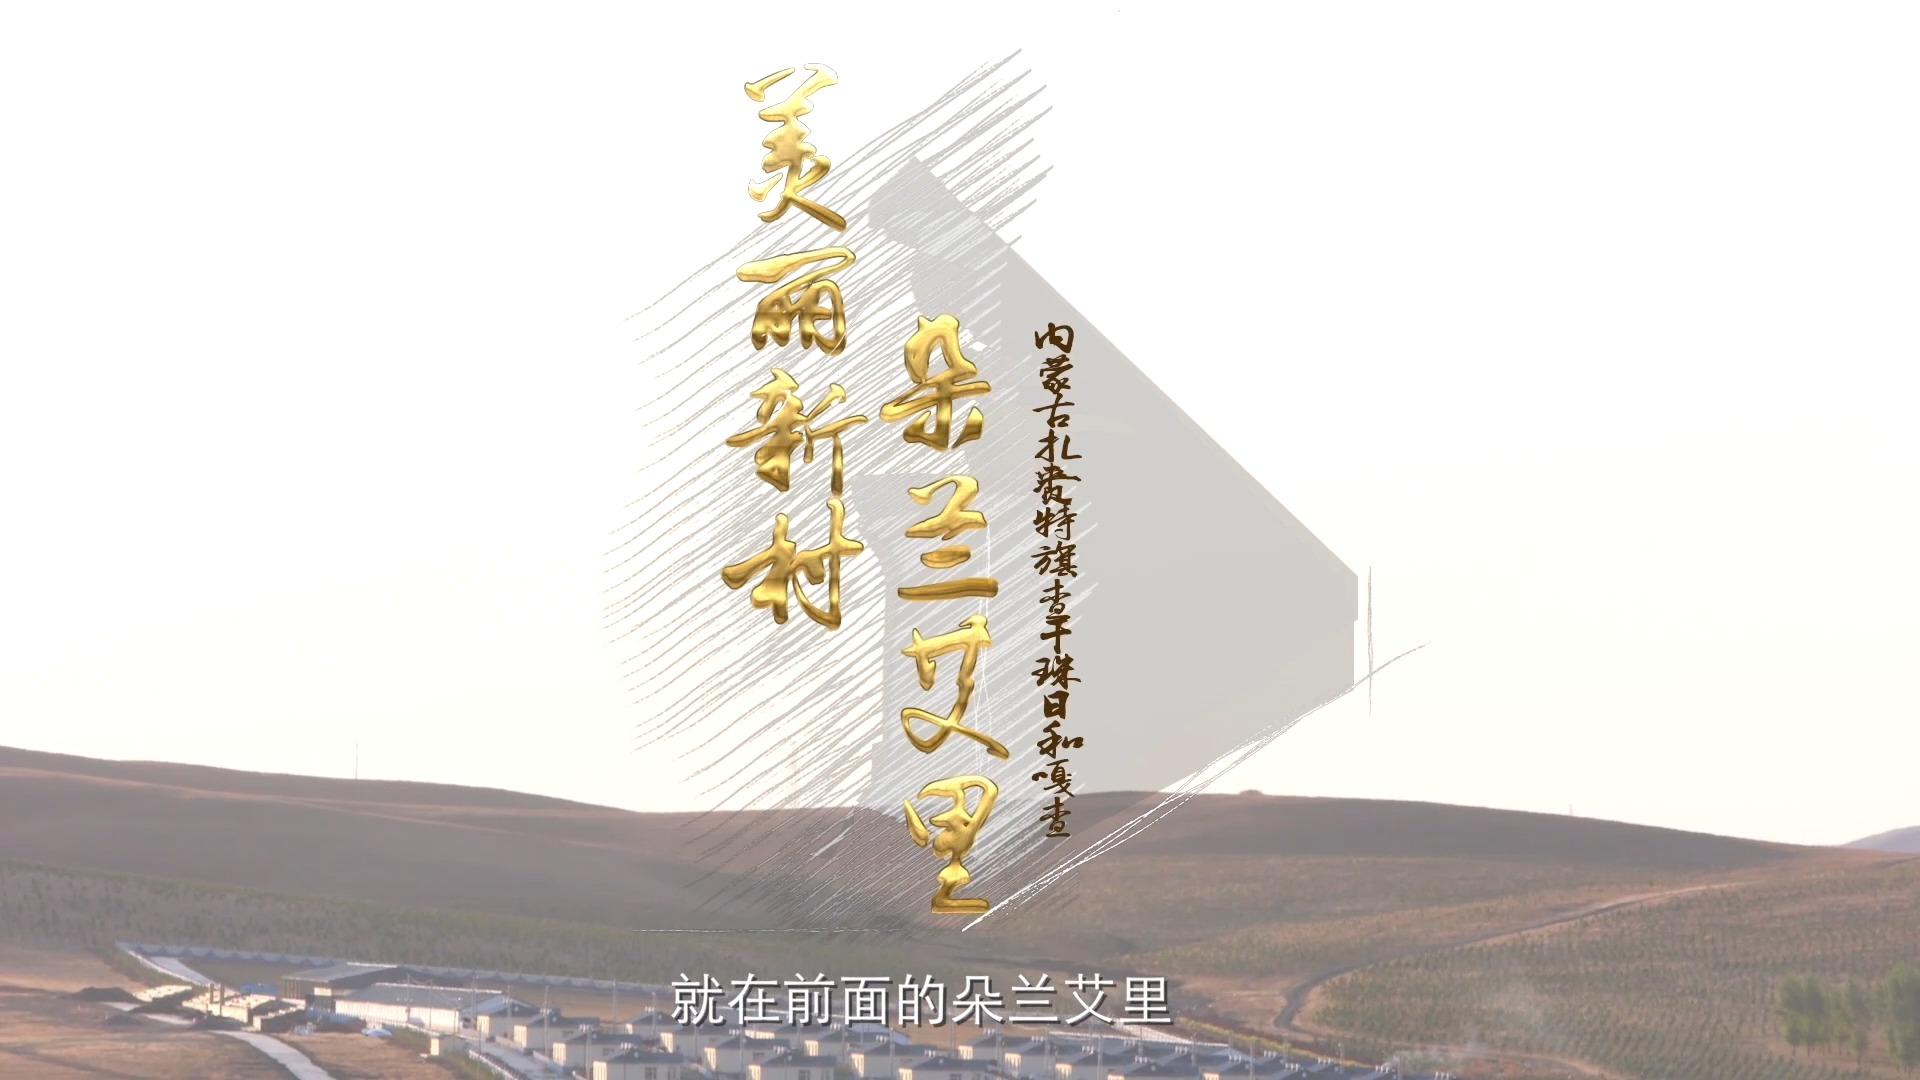 內蒙古查幹珠日和嘎查村《美麗新村 朵蘭艾裏》